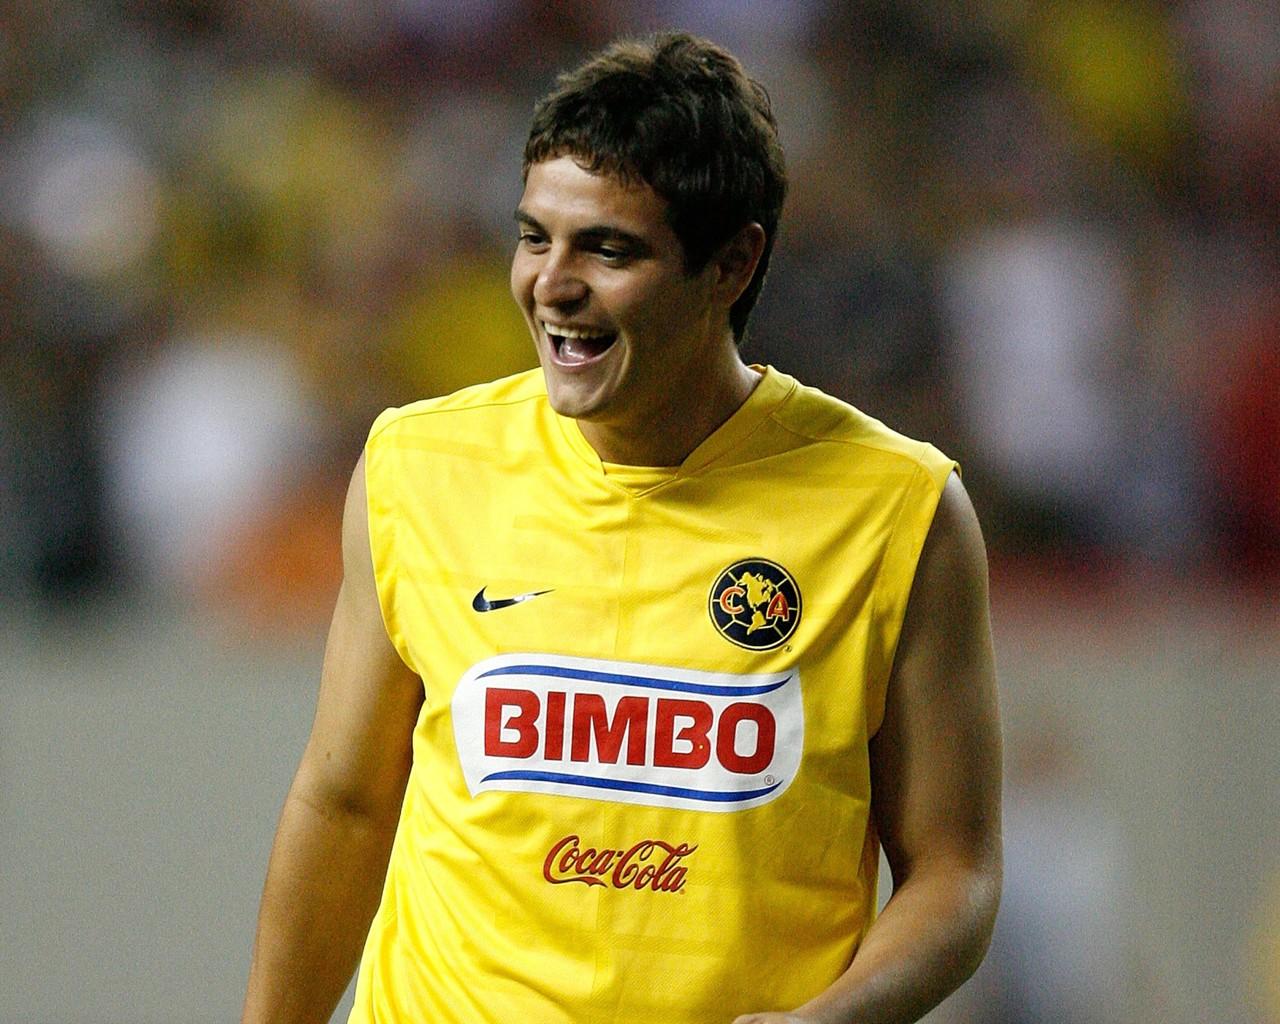 El futbolista de 30 años juega actualmente en el Real Atlético Garcilaso de Perú